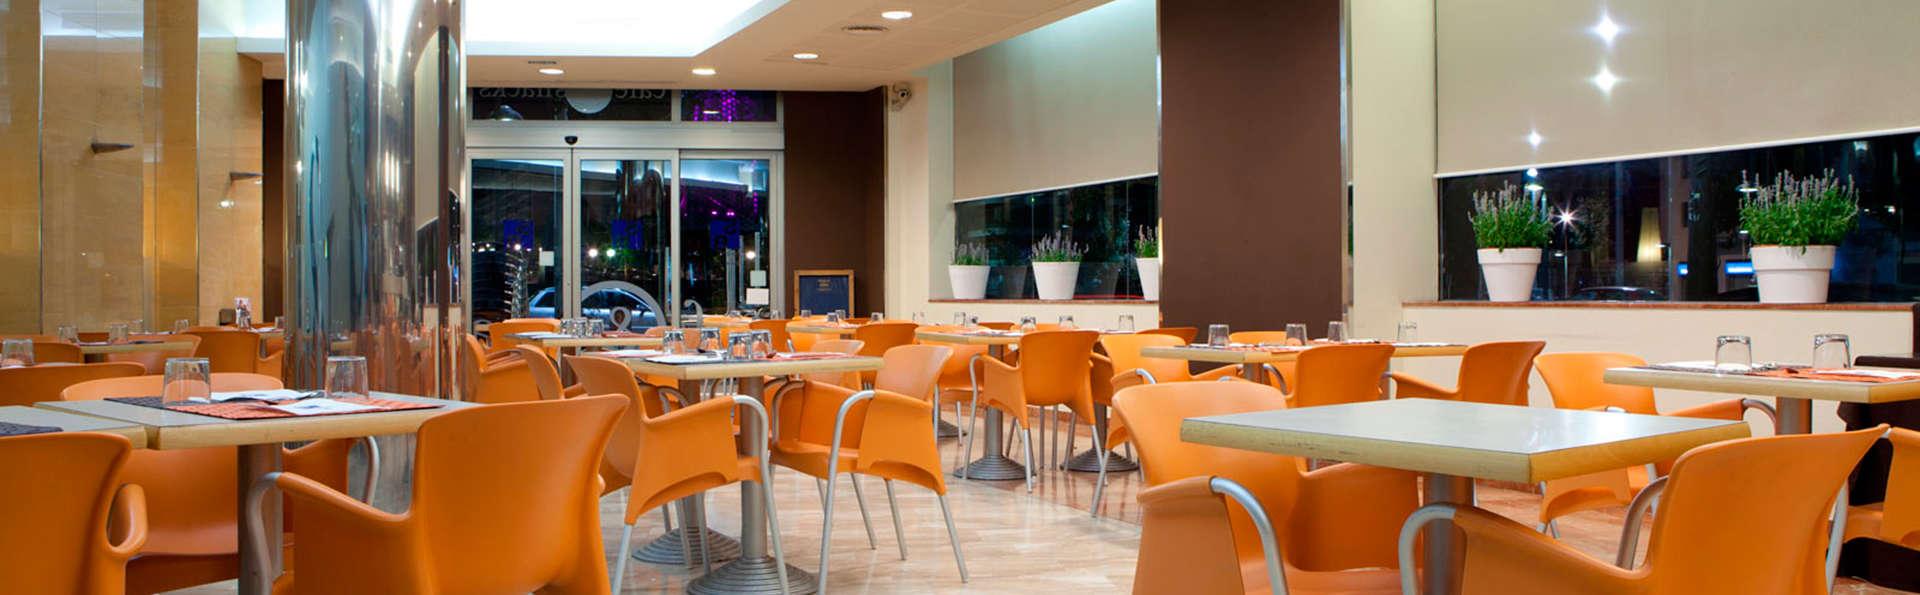 Hotel SB Express Tarragona - EDIT_restaurant.jpg